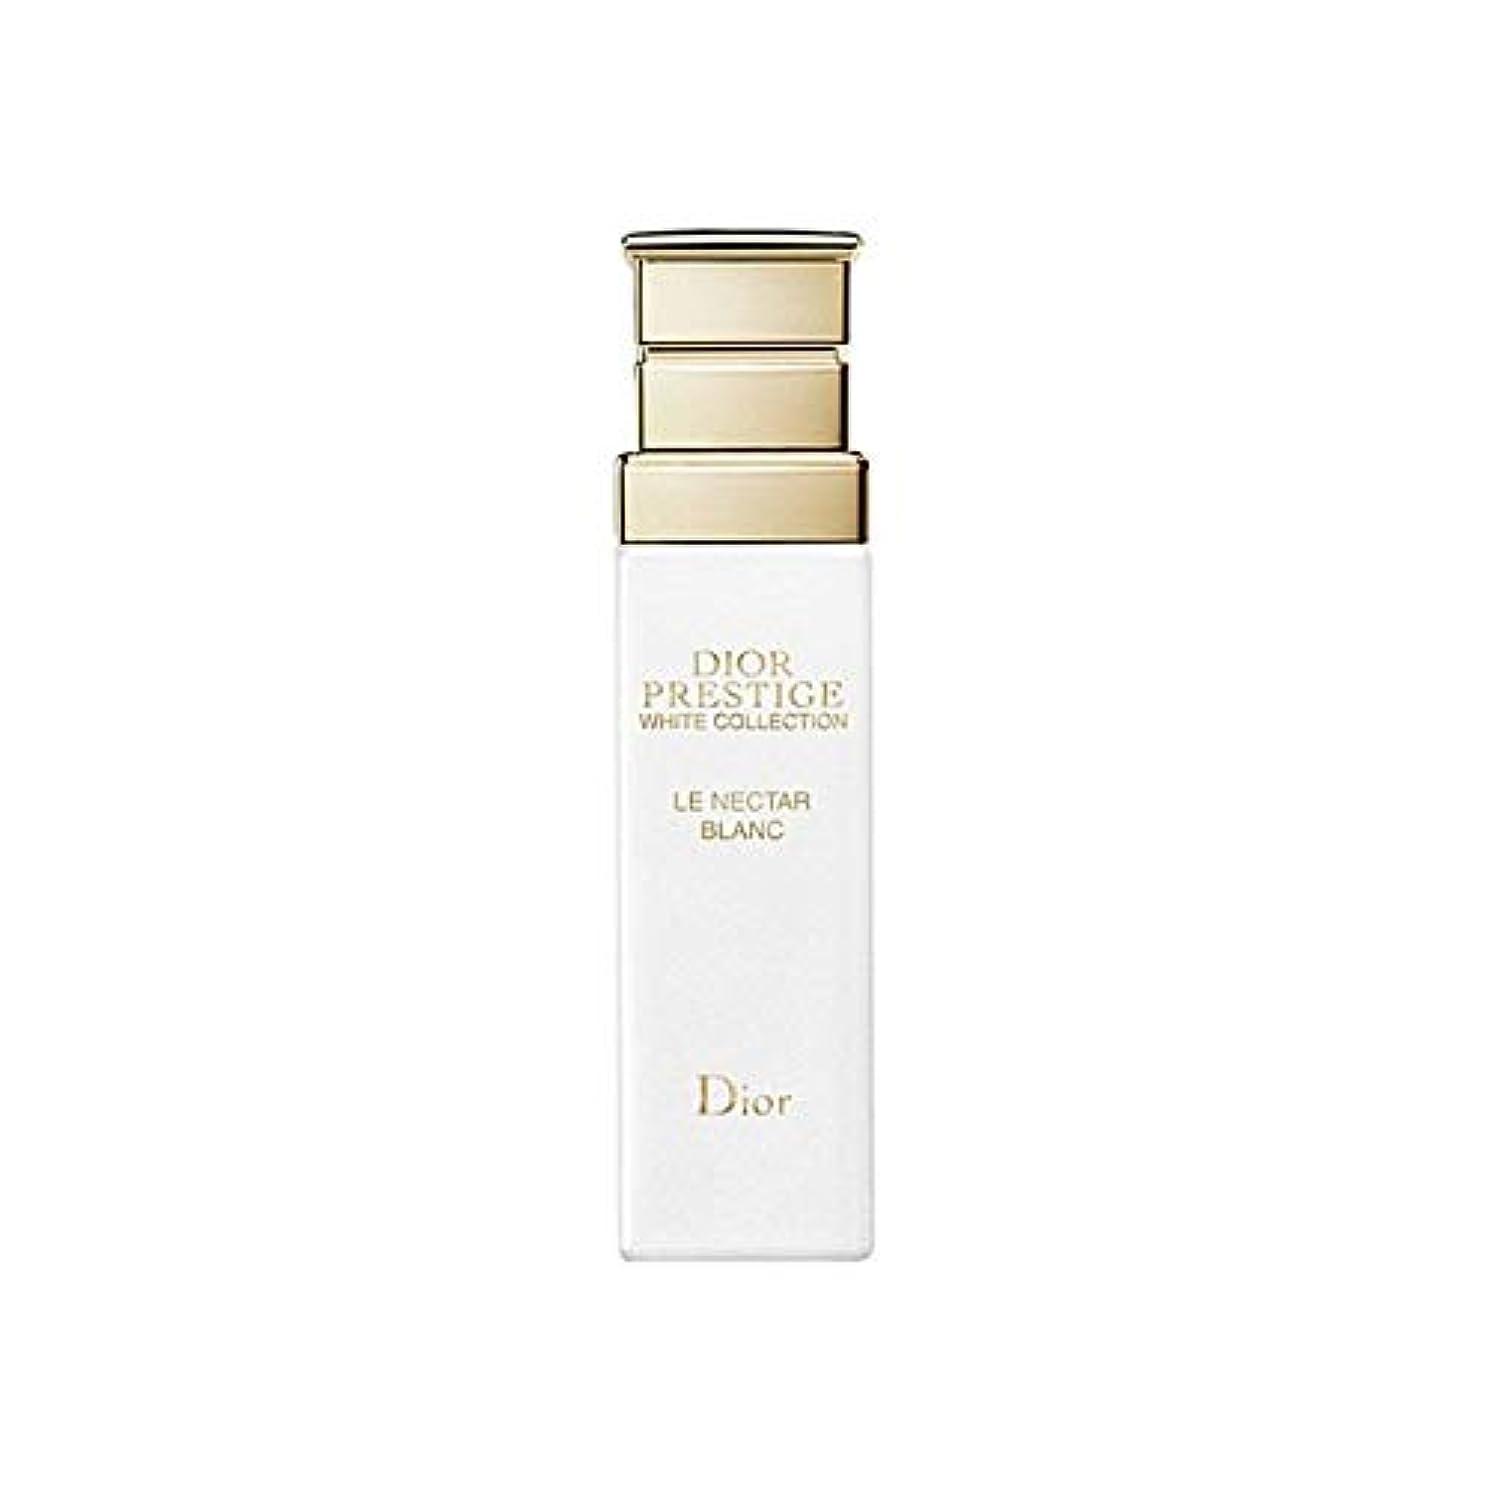 本気チューインガム酔っ払い[Dior] ディオール威信明るくセラム30Ml - Dior Prestige Brightening Serum 30ml [並行輸入品]